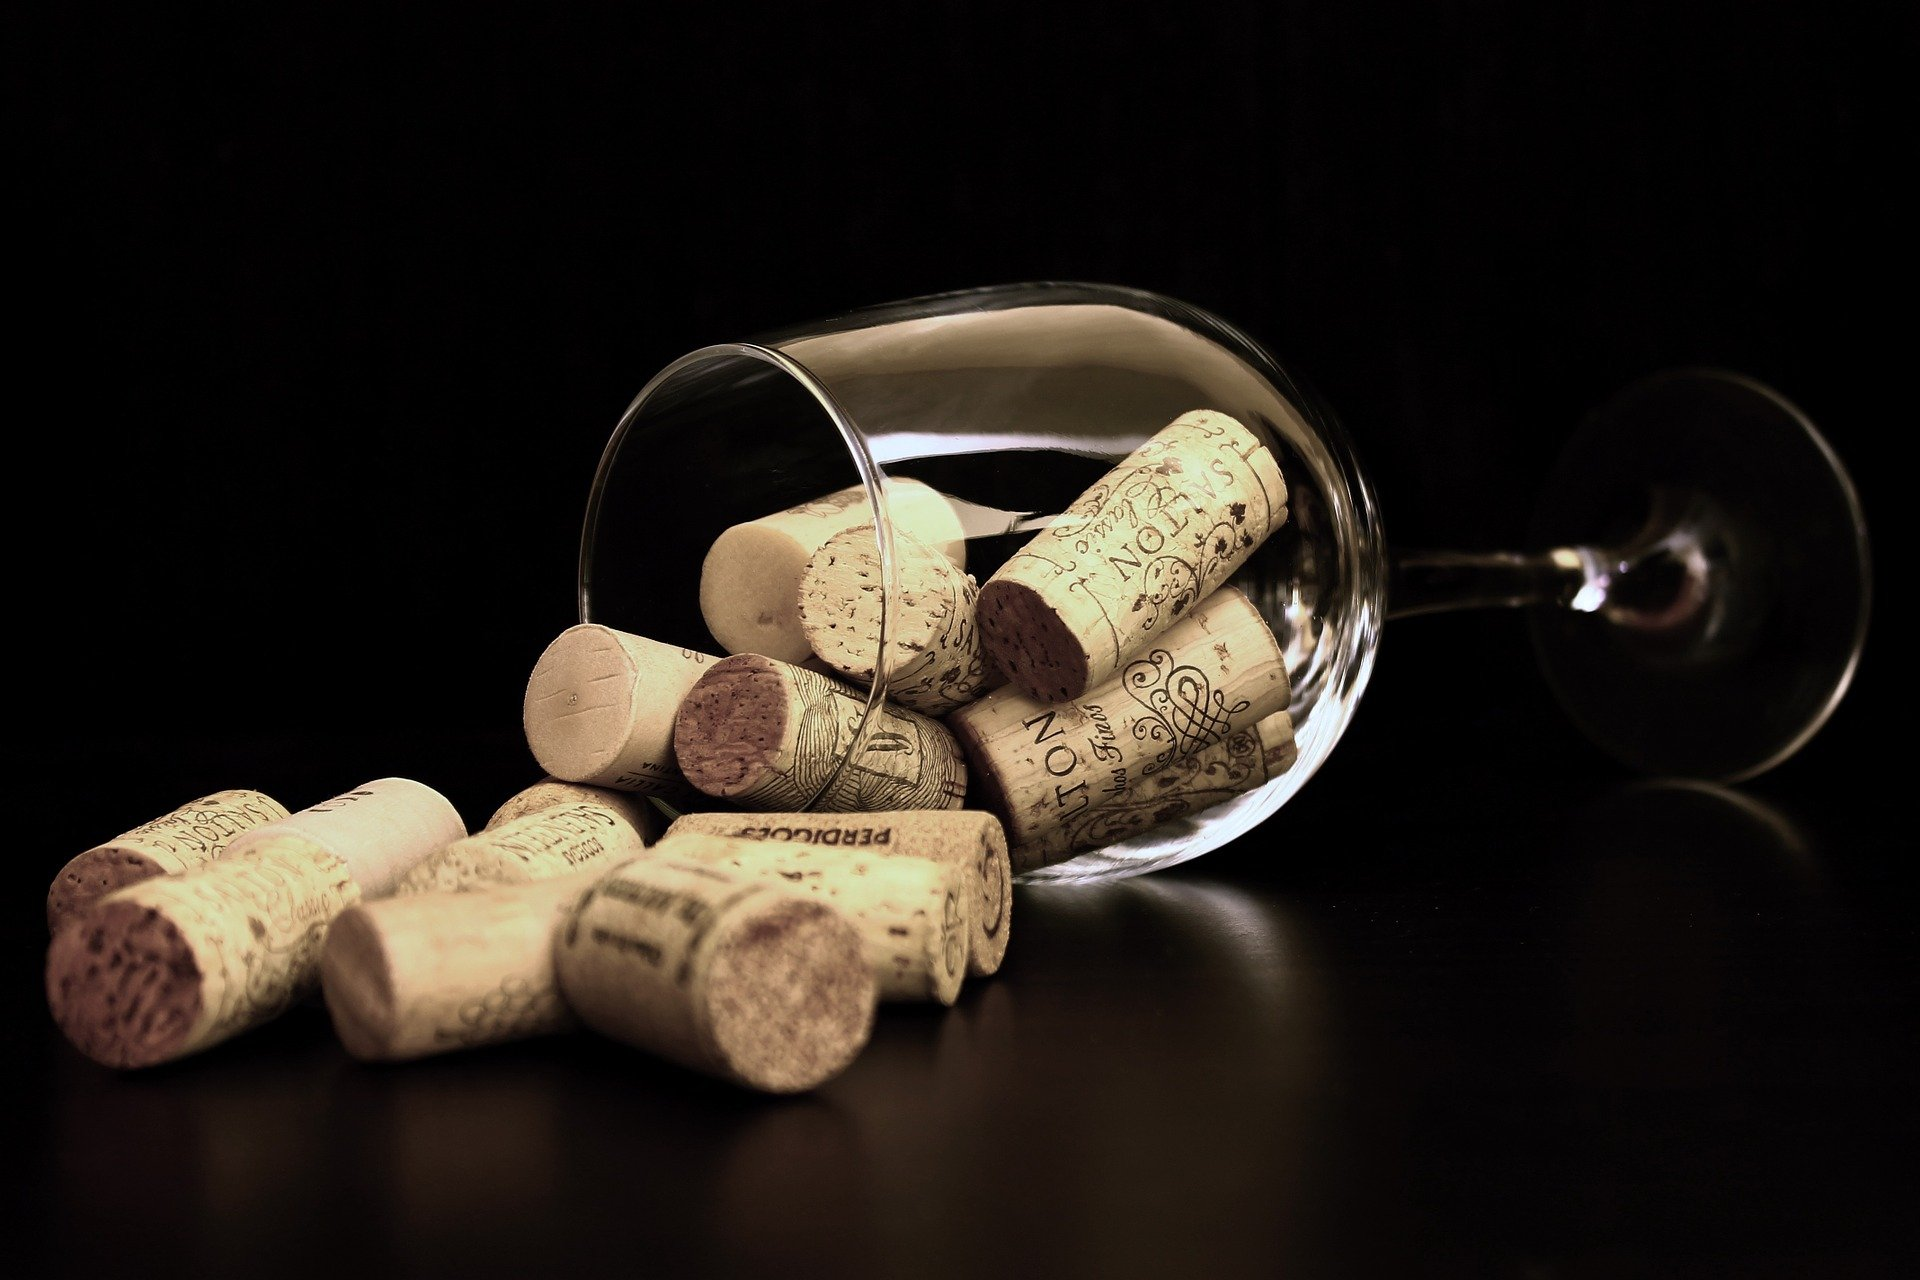 הניתוח הכי מזוקק לניהול משבר הרשת של יין בעיר